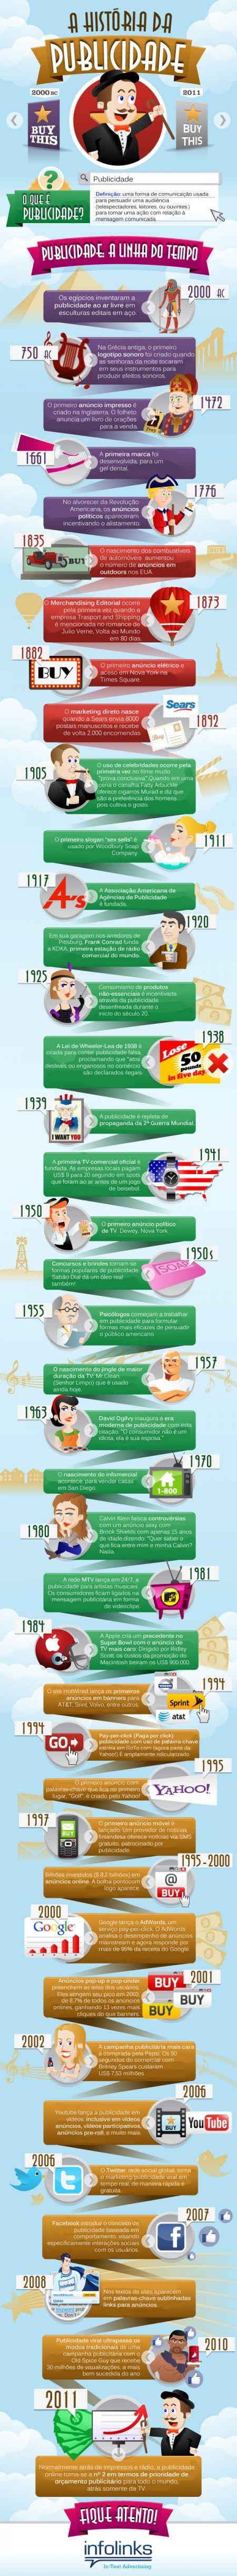 A história da publicidade em Infográfico | Criatives | Blog Design, Inspirações, Tutoriais, Web Design